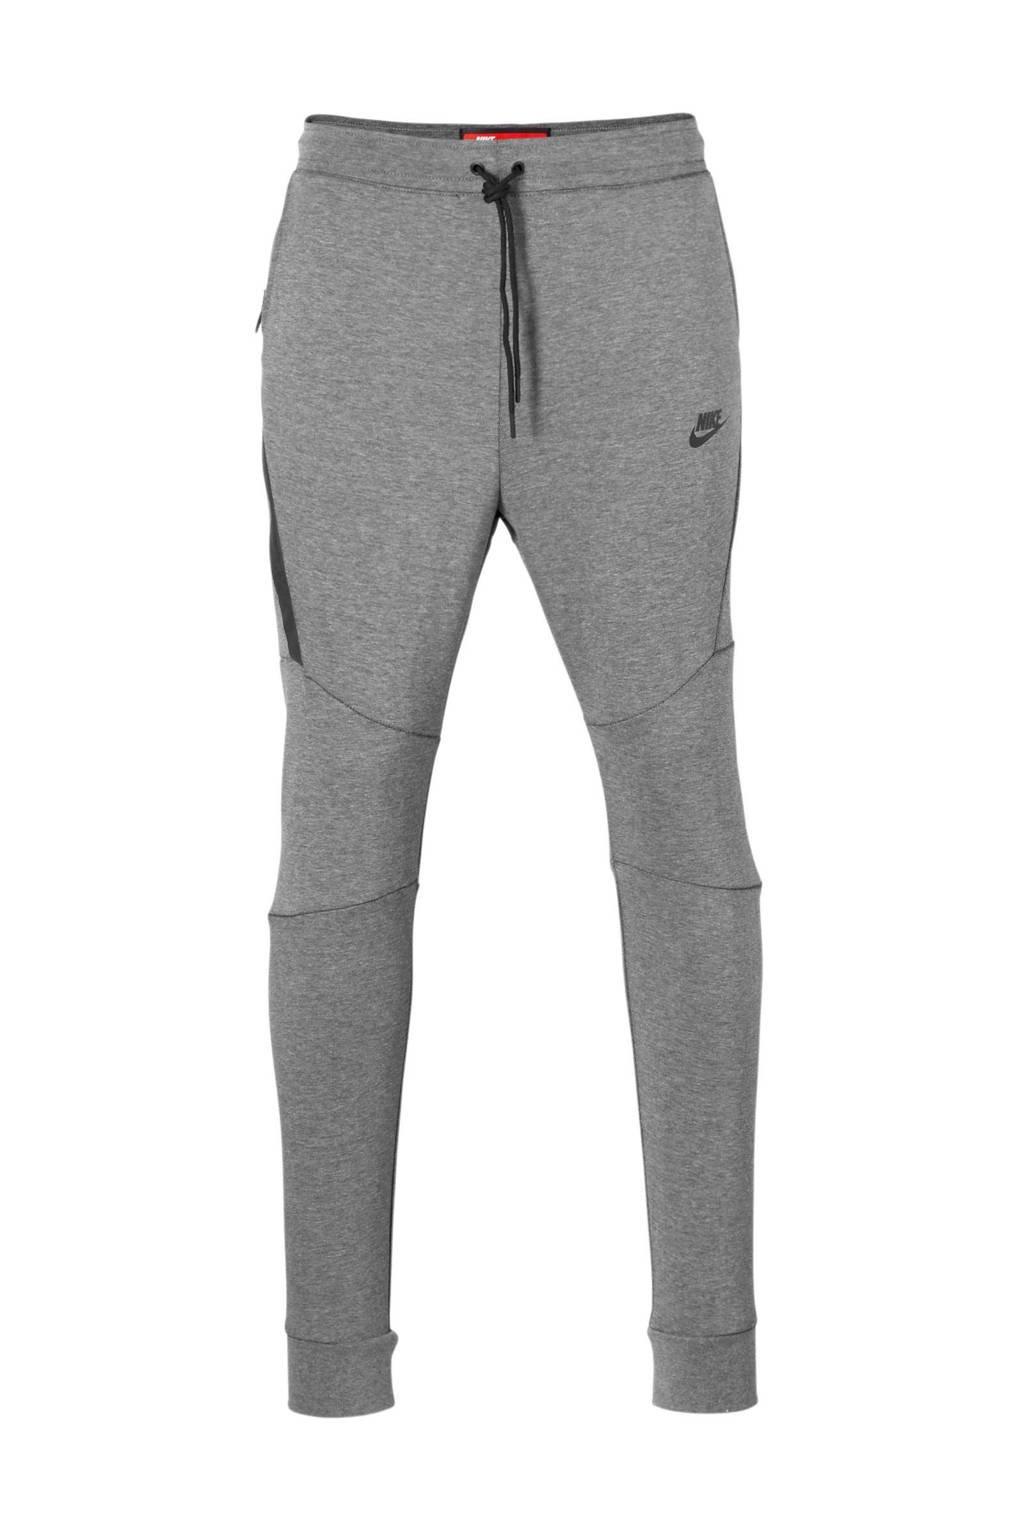 171c63dceeb Nike Tech Fleece joggingbroek, Grijs/zwart